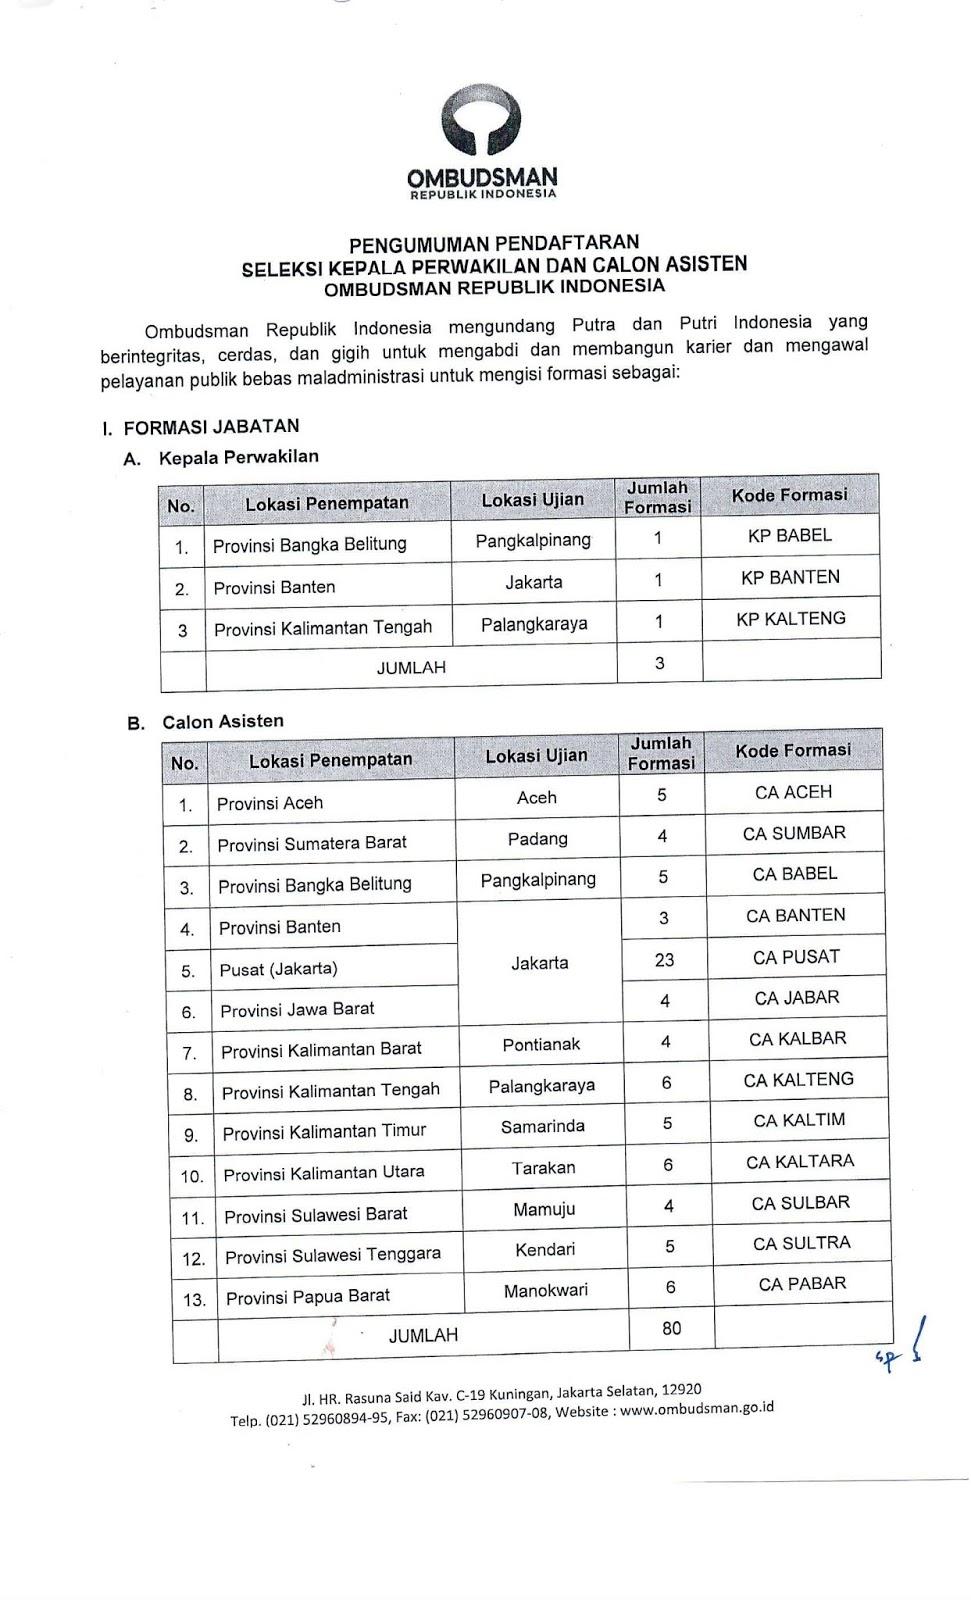 Lowongan Kerja Kaper dan Calas Ombudsman Republik Indonesia Hingga 23 November 2019